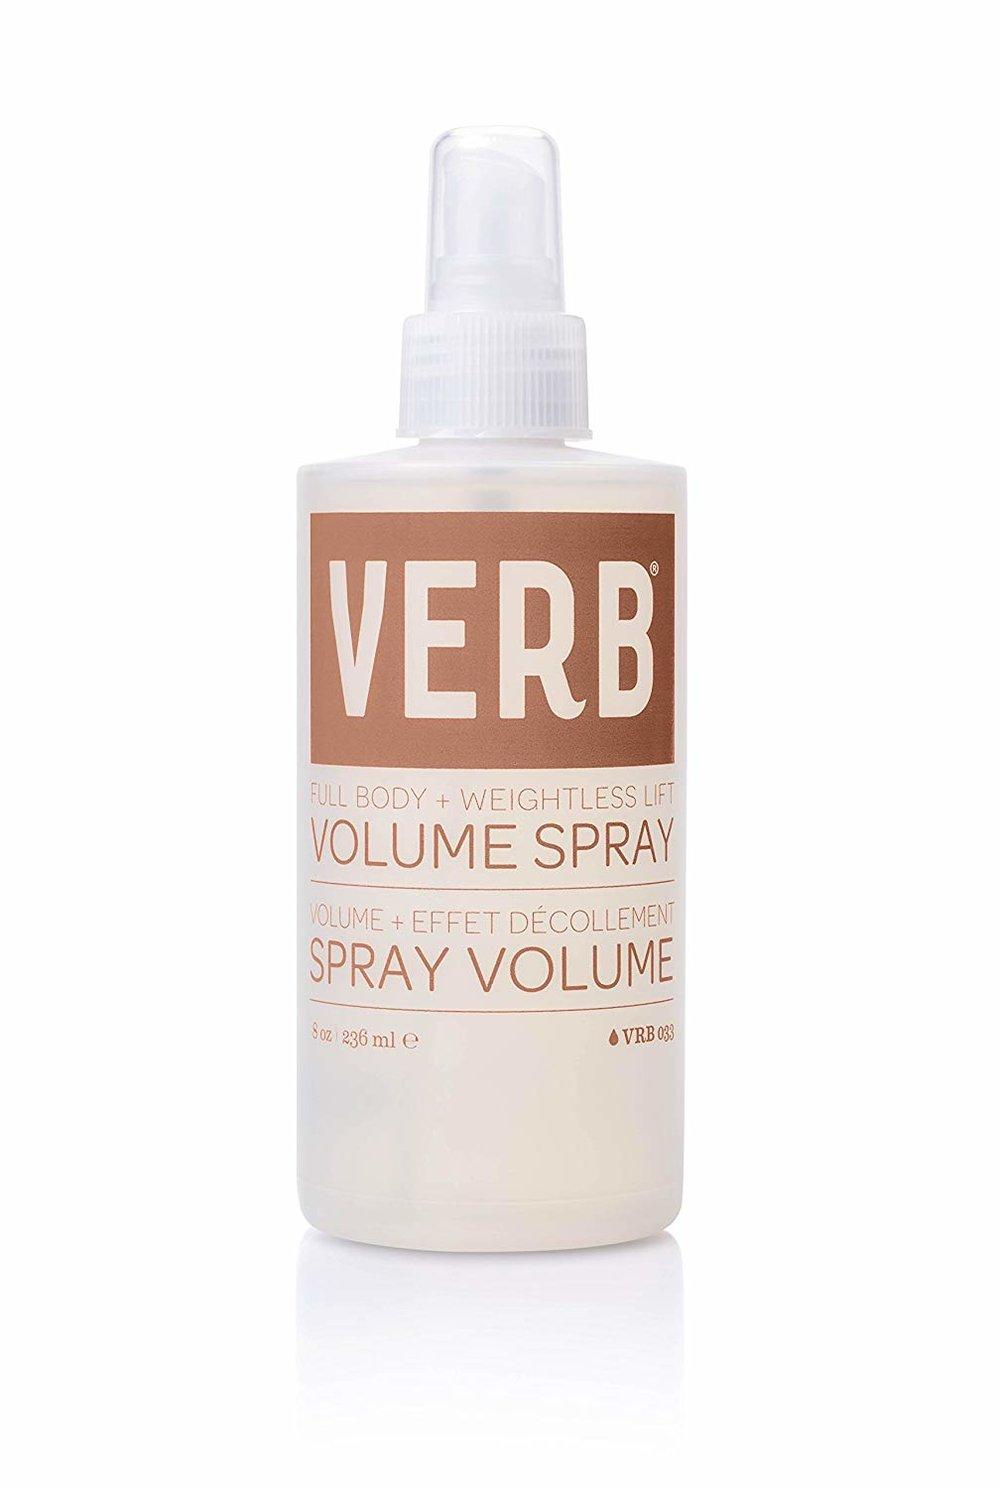 Verb  Volume Spray, 8 oz. $16.00